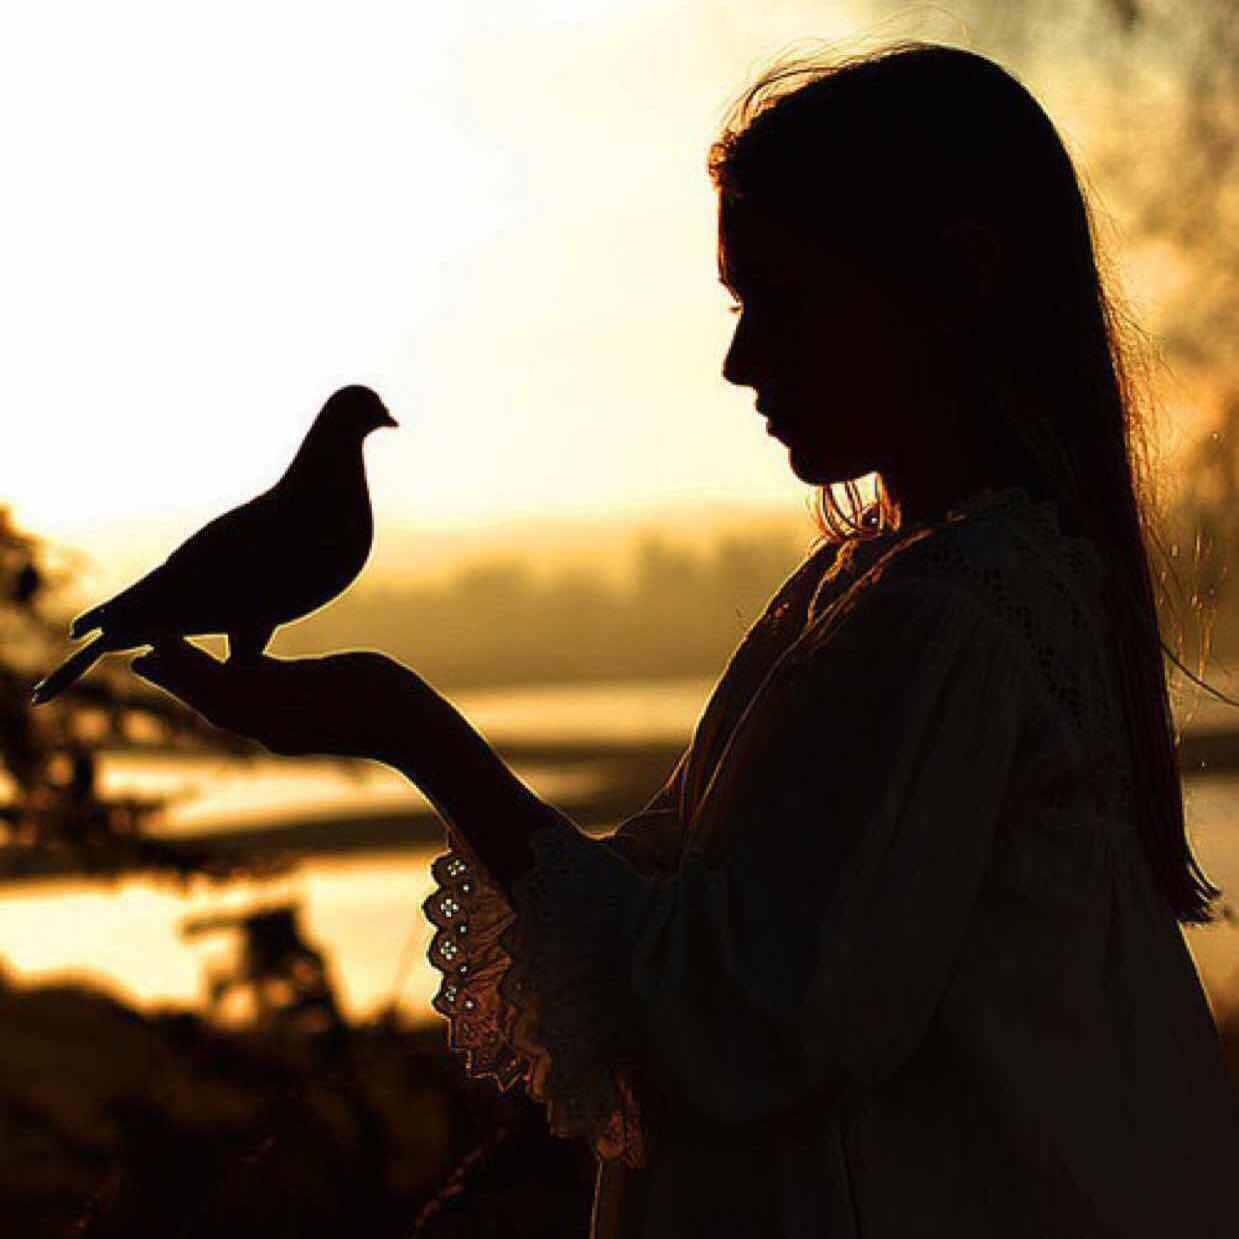 Тень девушки и птицы фото